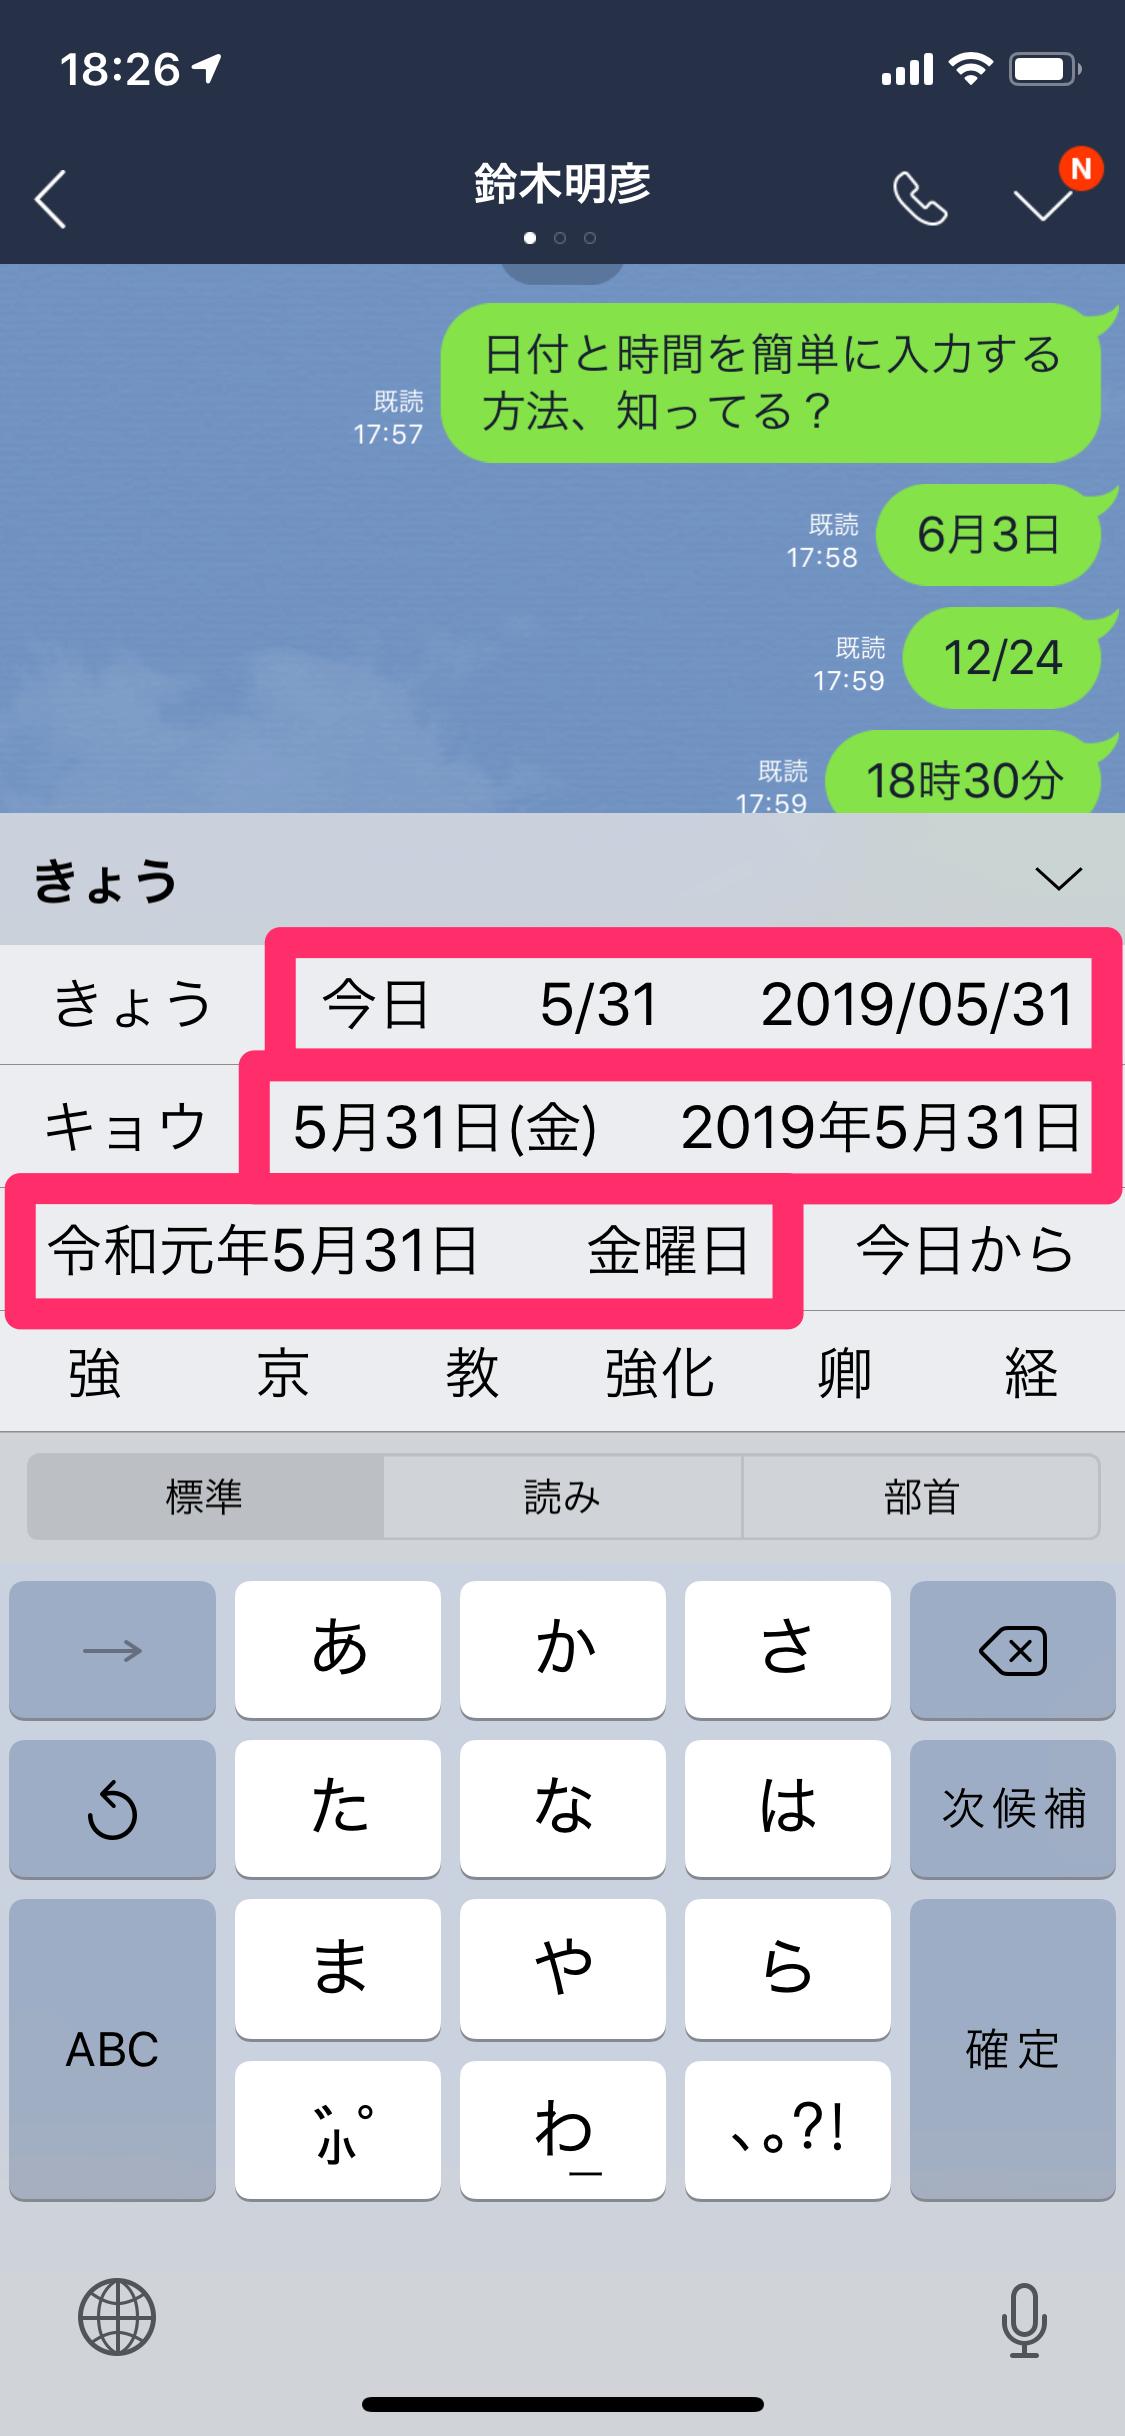 超簡単! iPhoneのキーボードで日付・時間を入力するスマートな方法